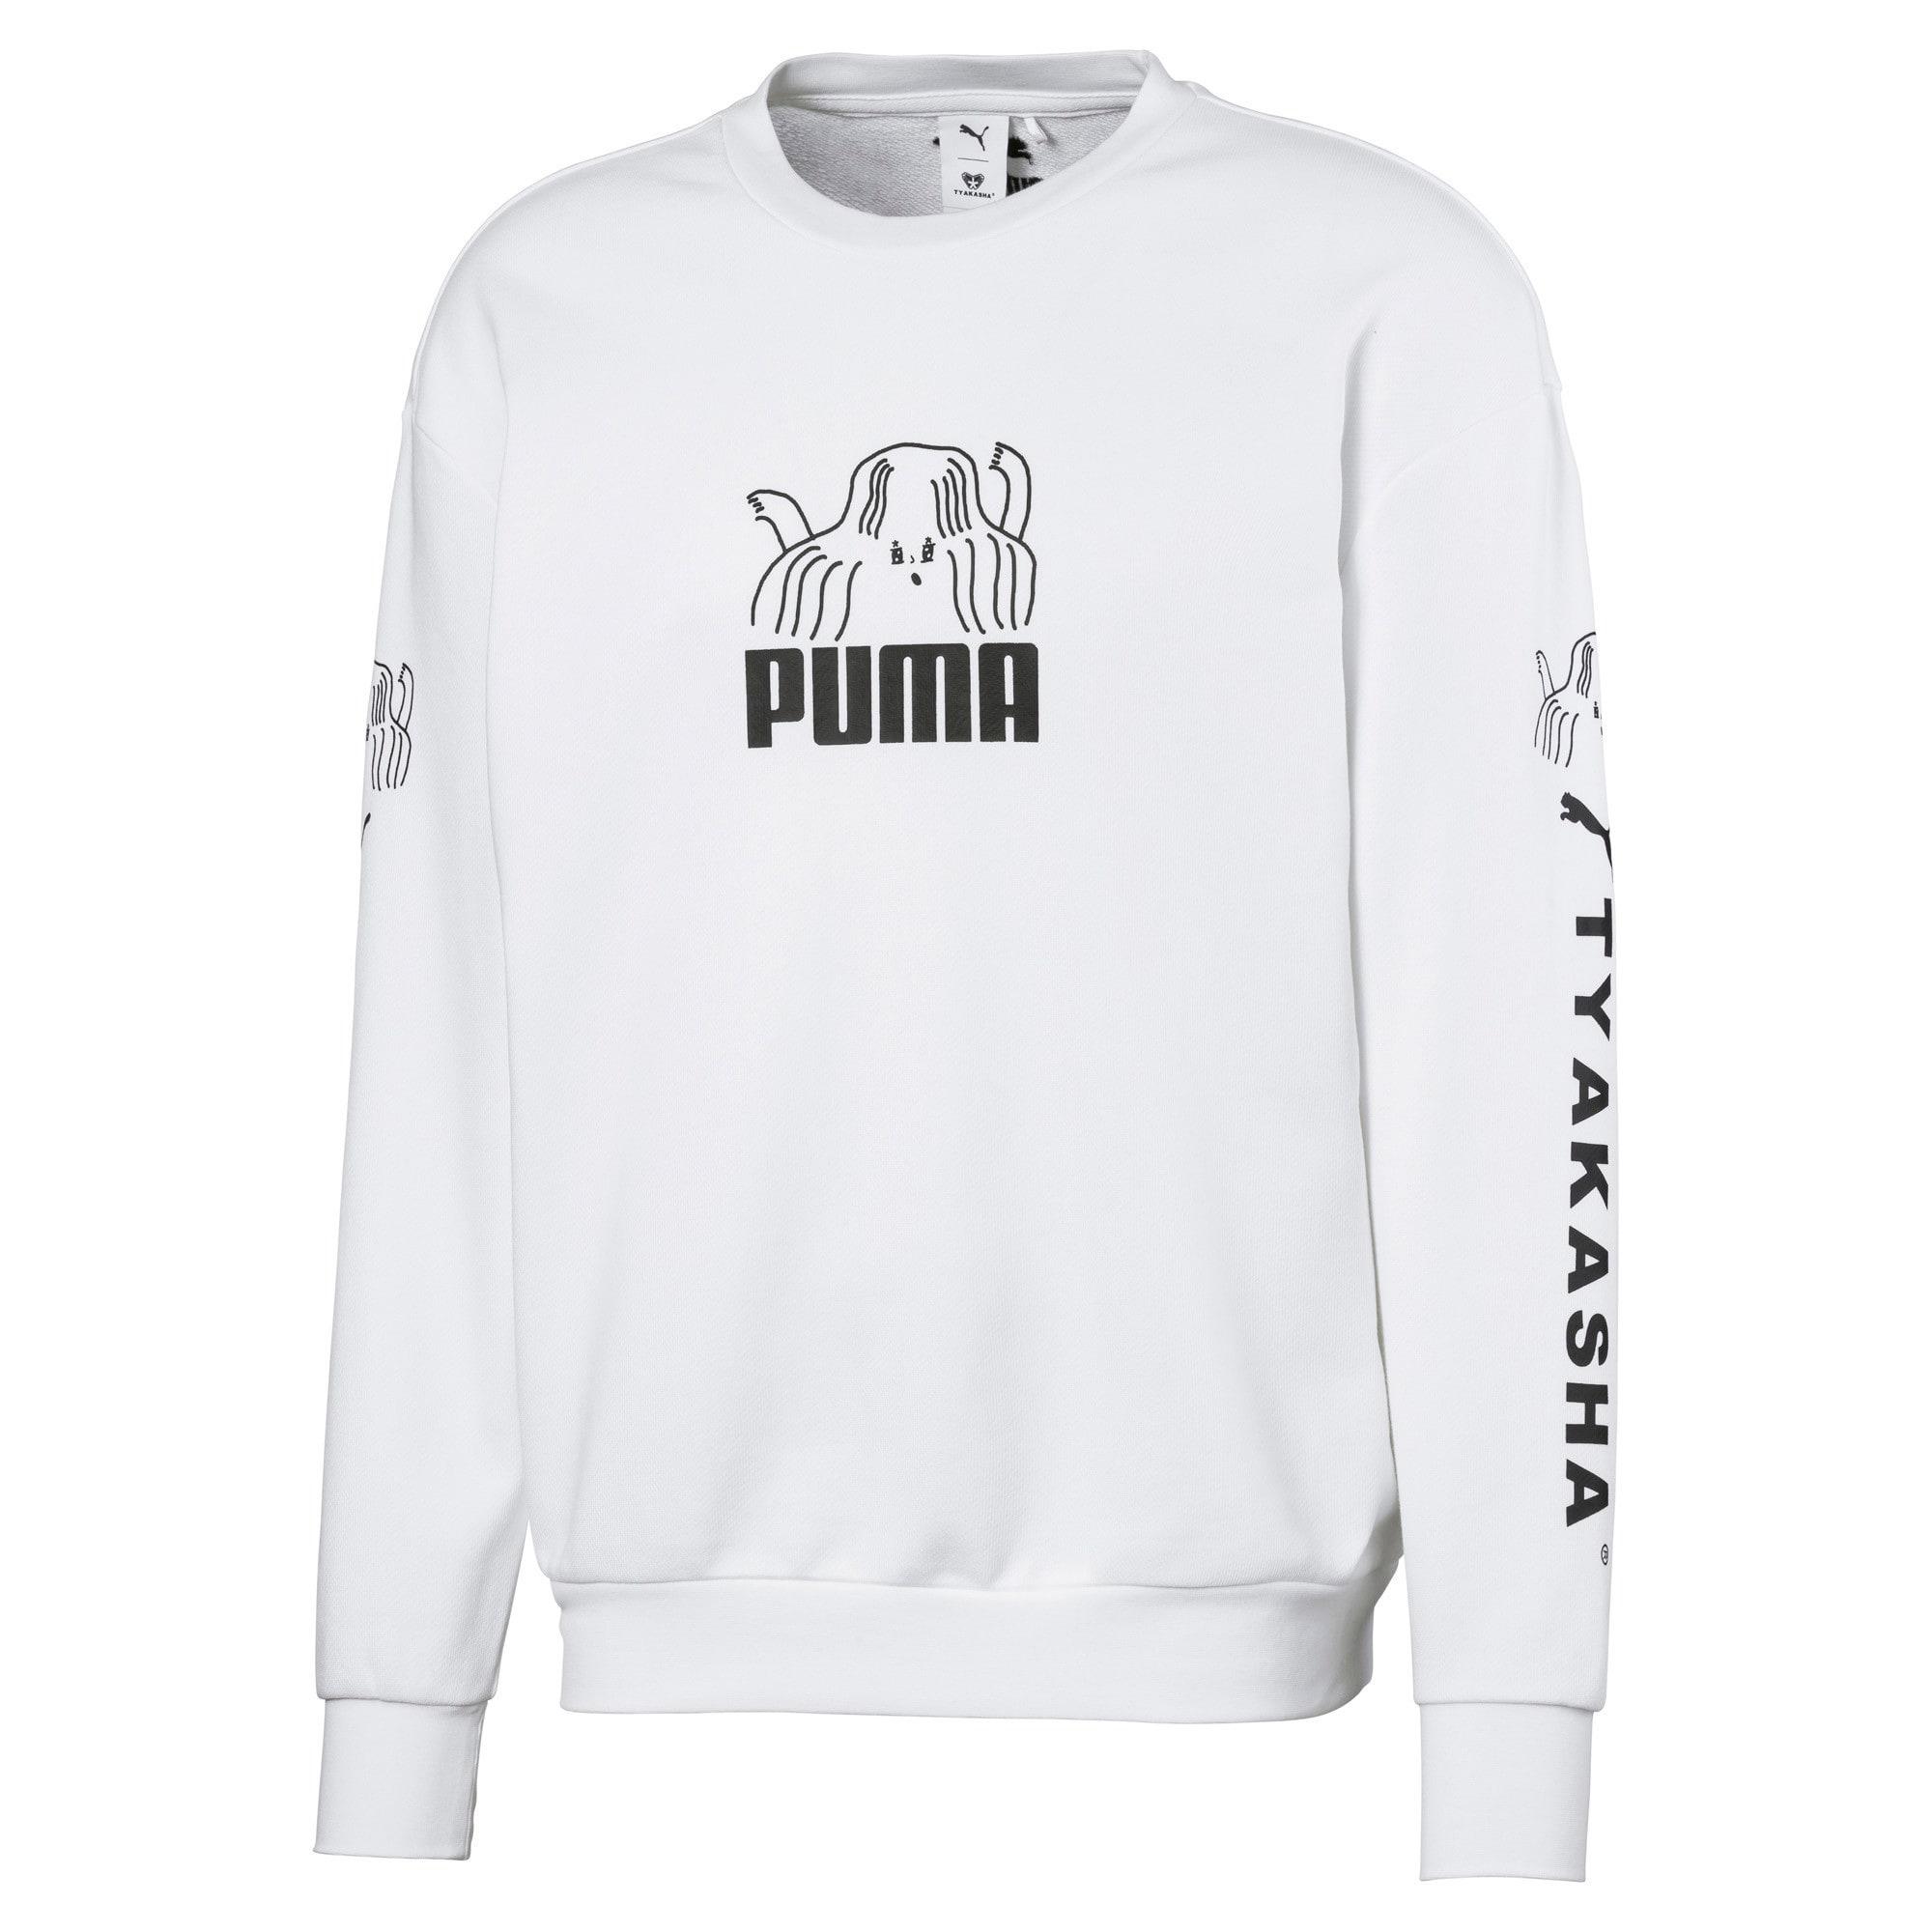 Thumbnail 1 of PUMA x TYAKASHA Herren Sweatshirt, Puma White, medium